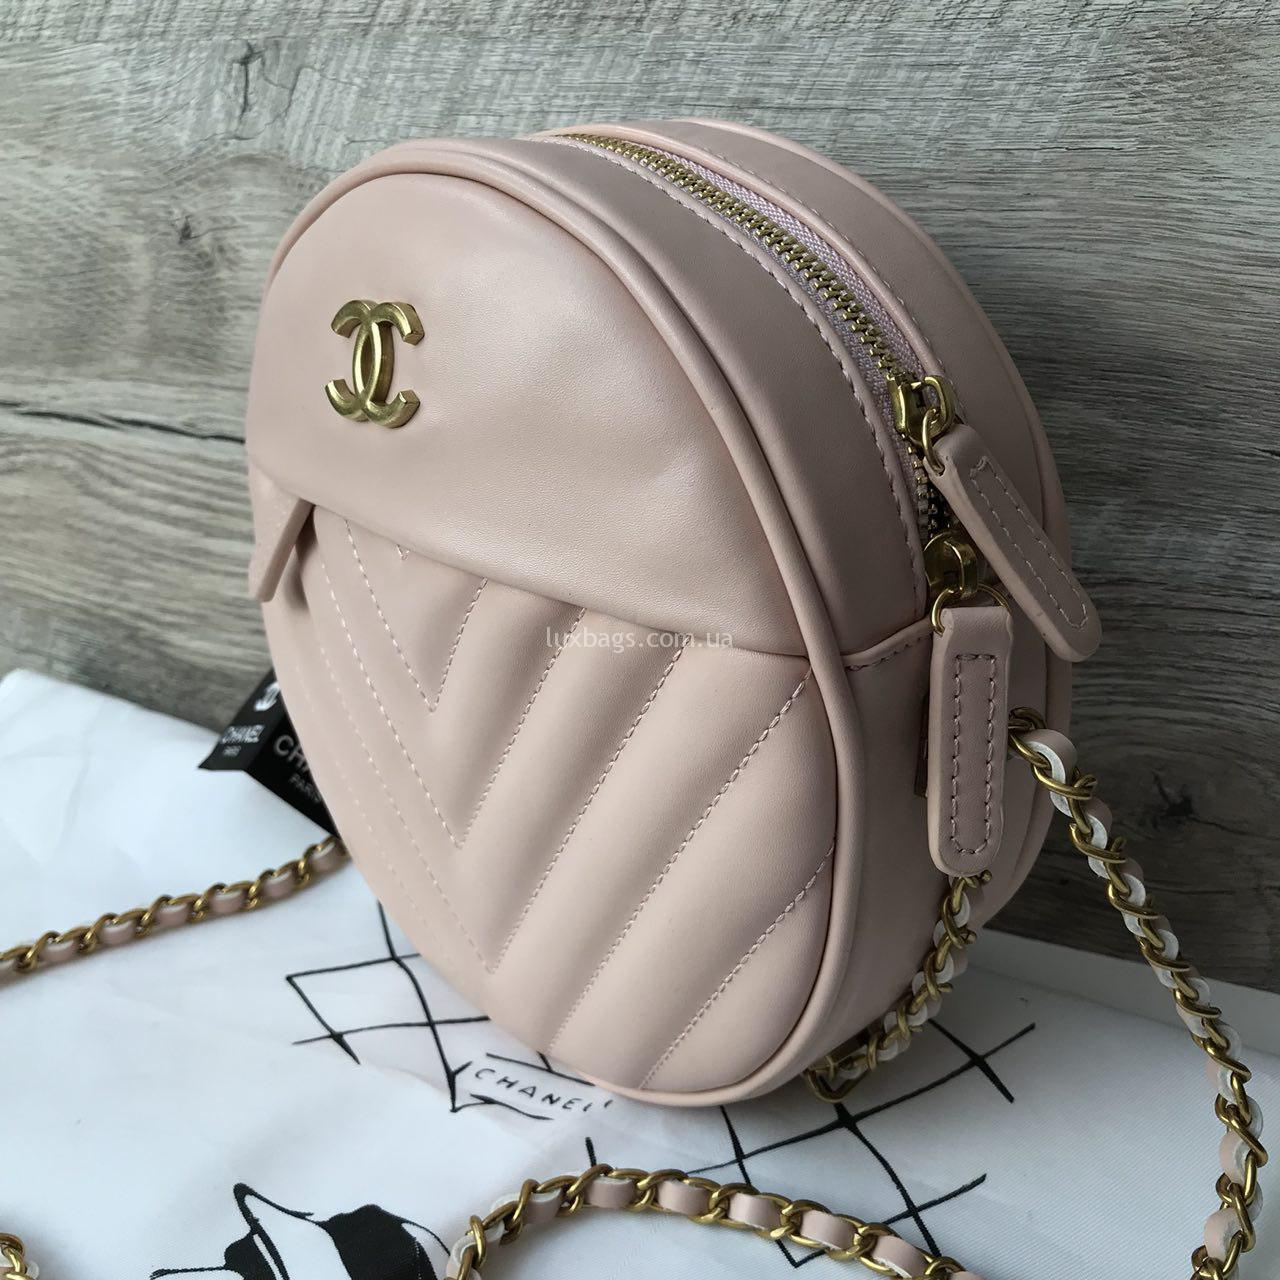 b6b796c5f2da Женская круглая сумка Chanel Шанель Купить на lux-bags